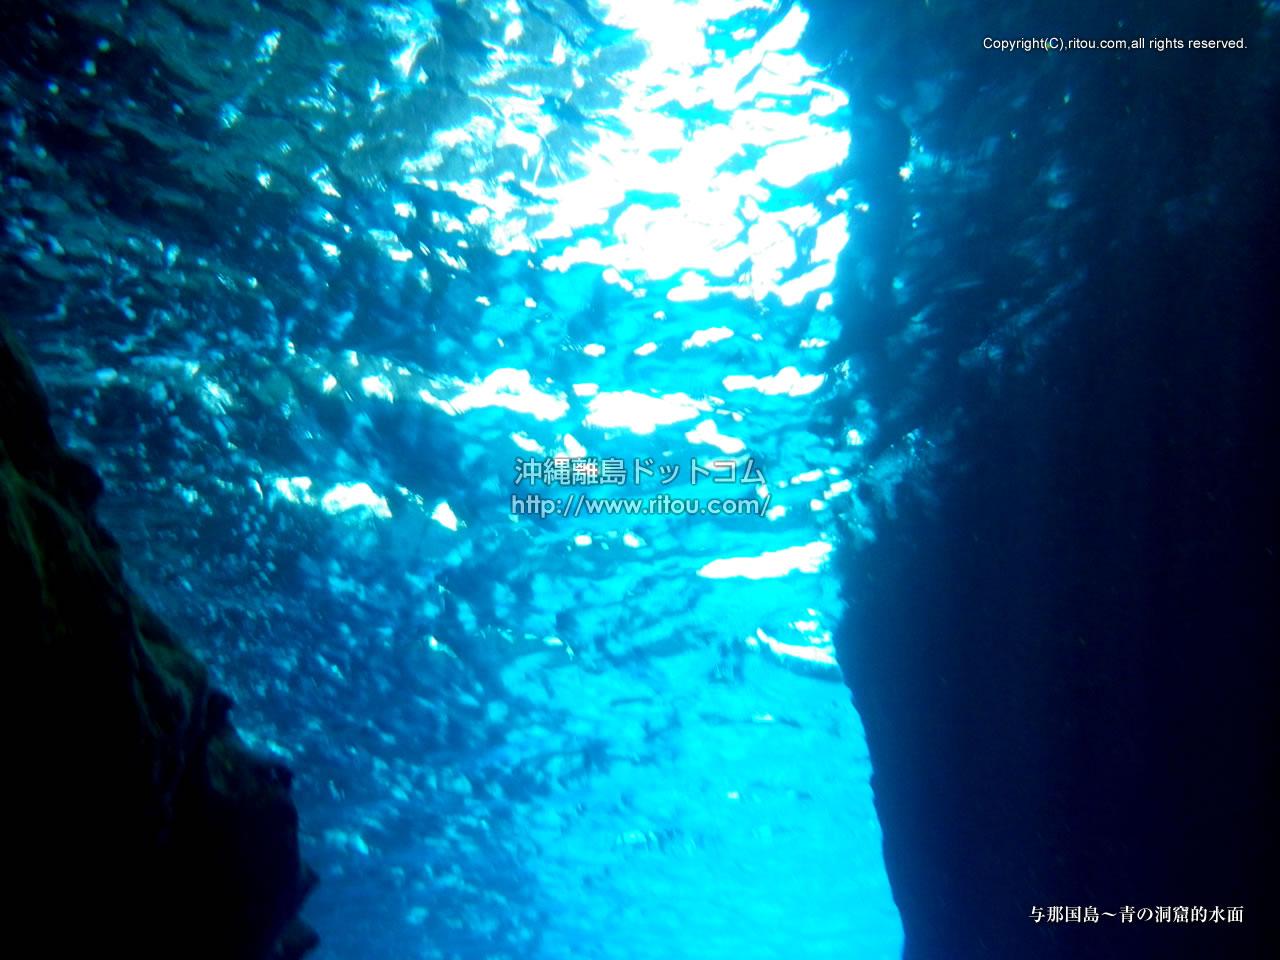 与那国島〜青の洞窟的水面